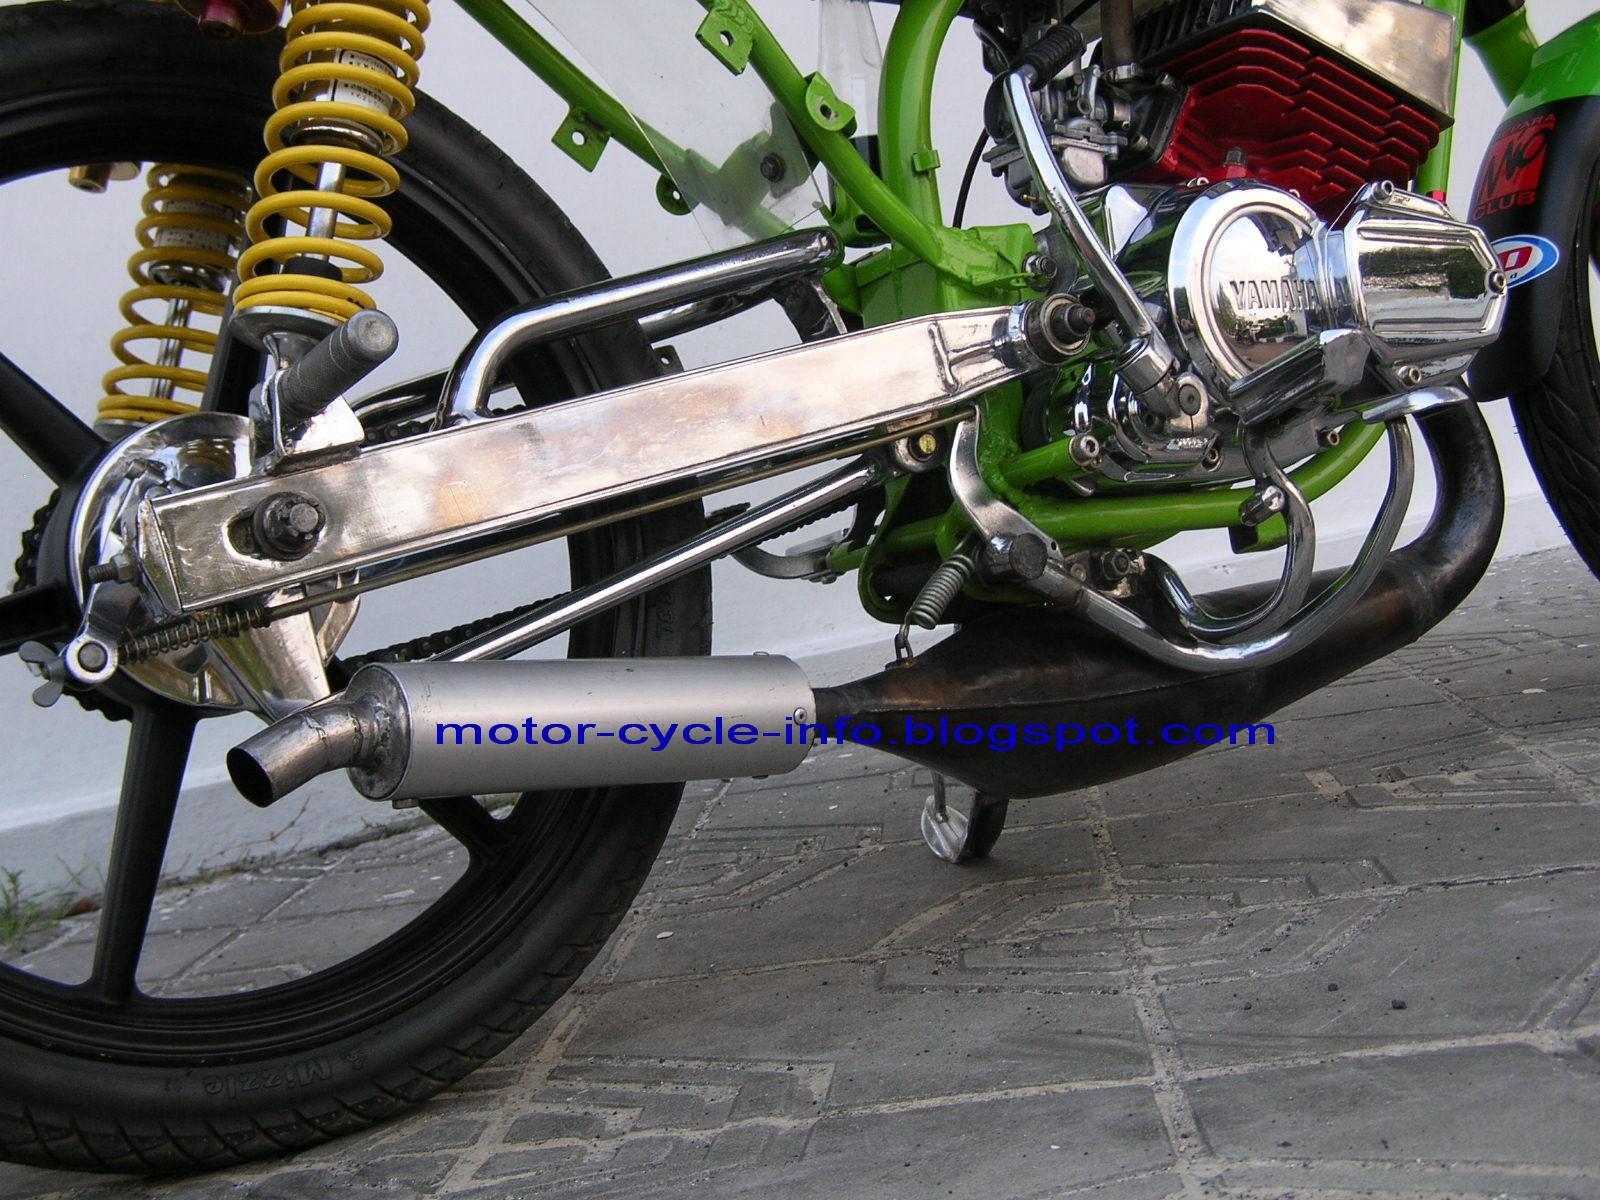 modifikasi motor rx king extreme airbrush  motor modif